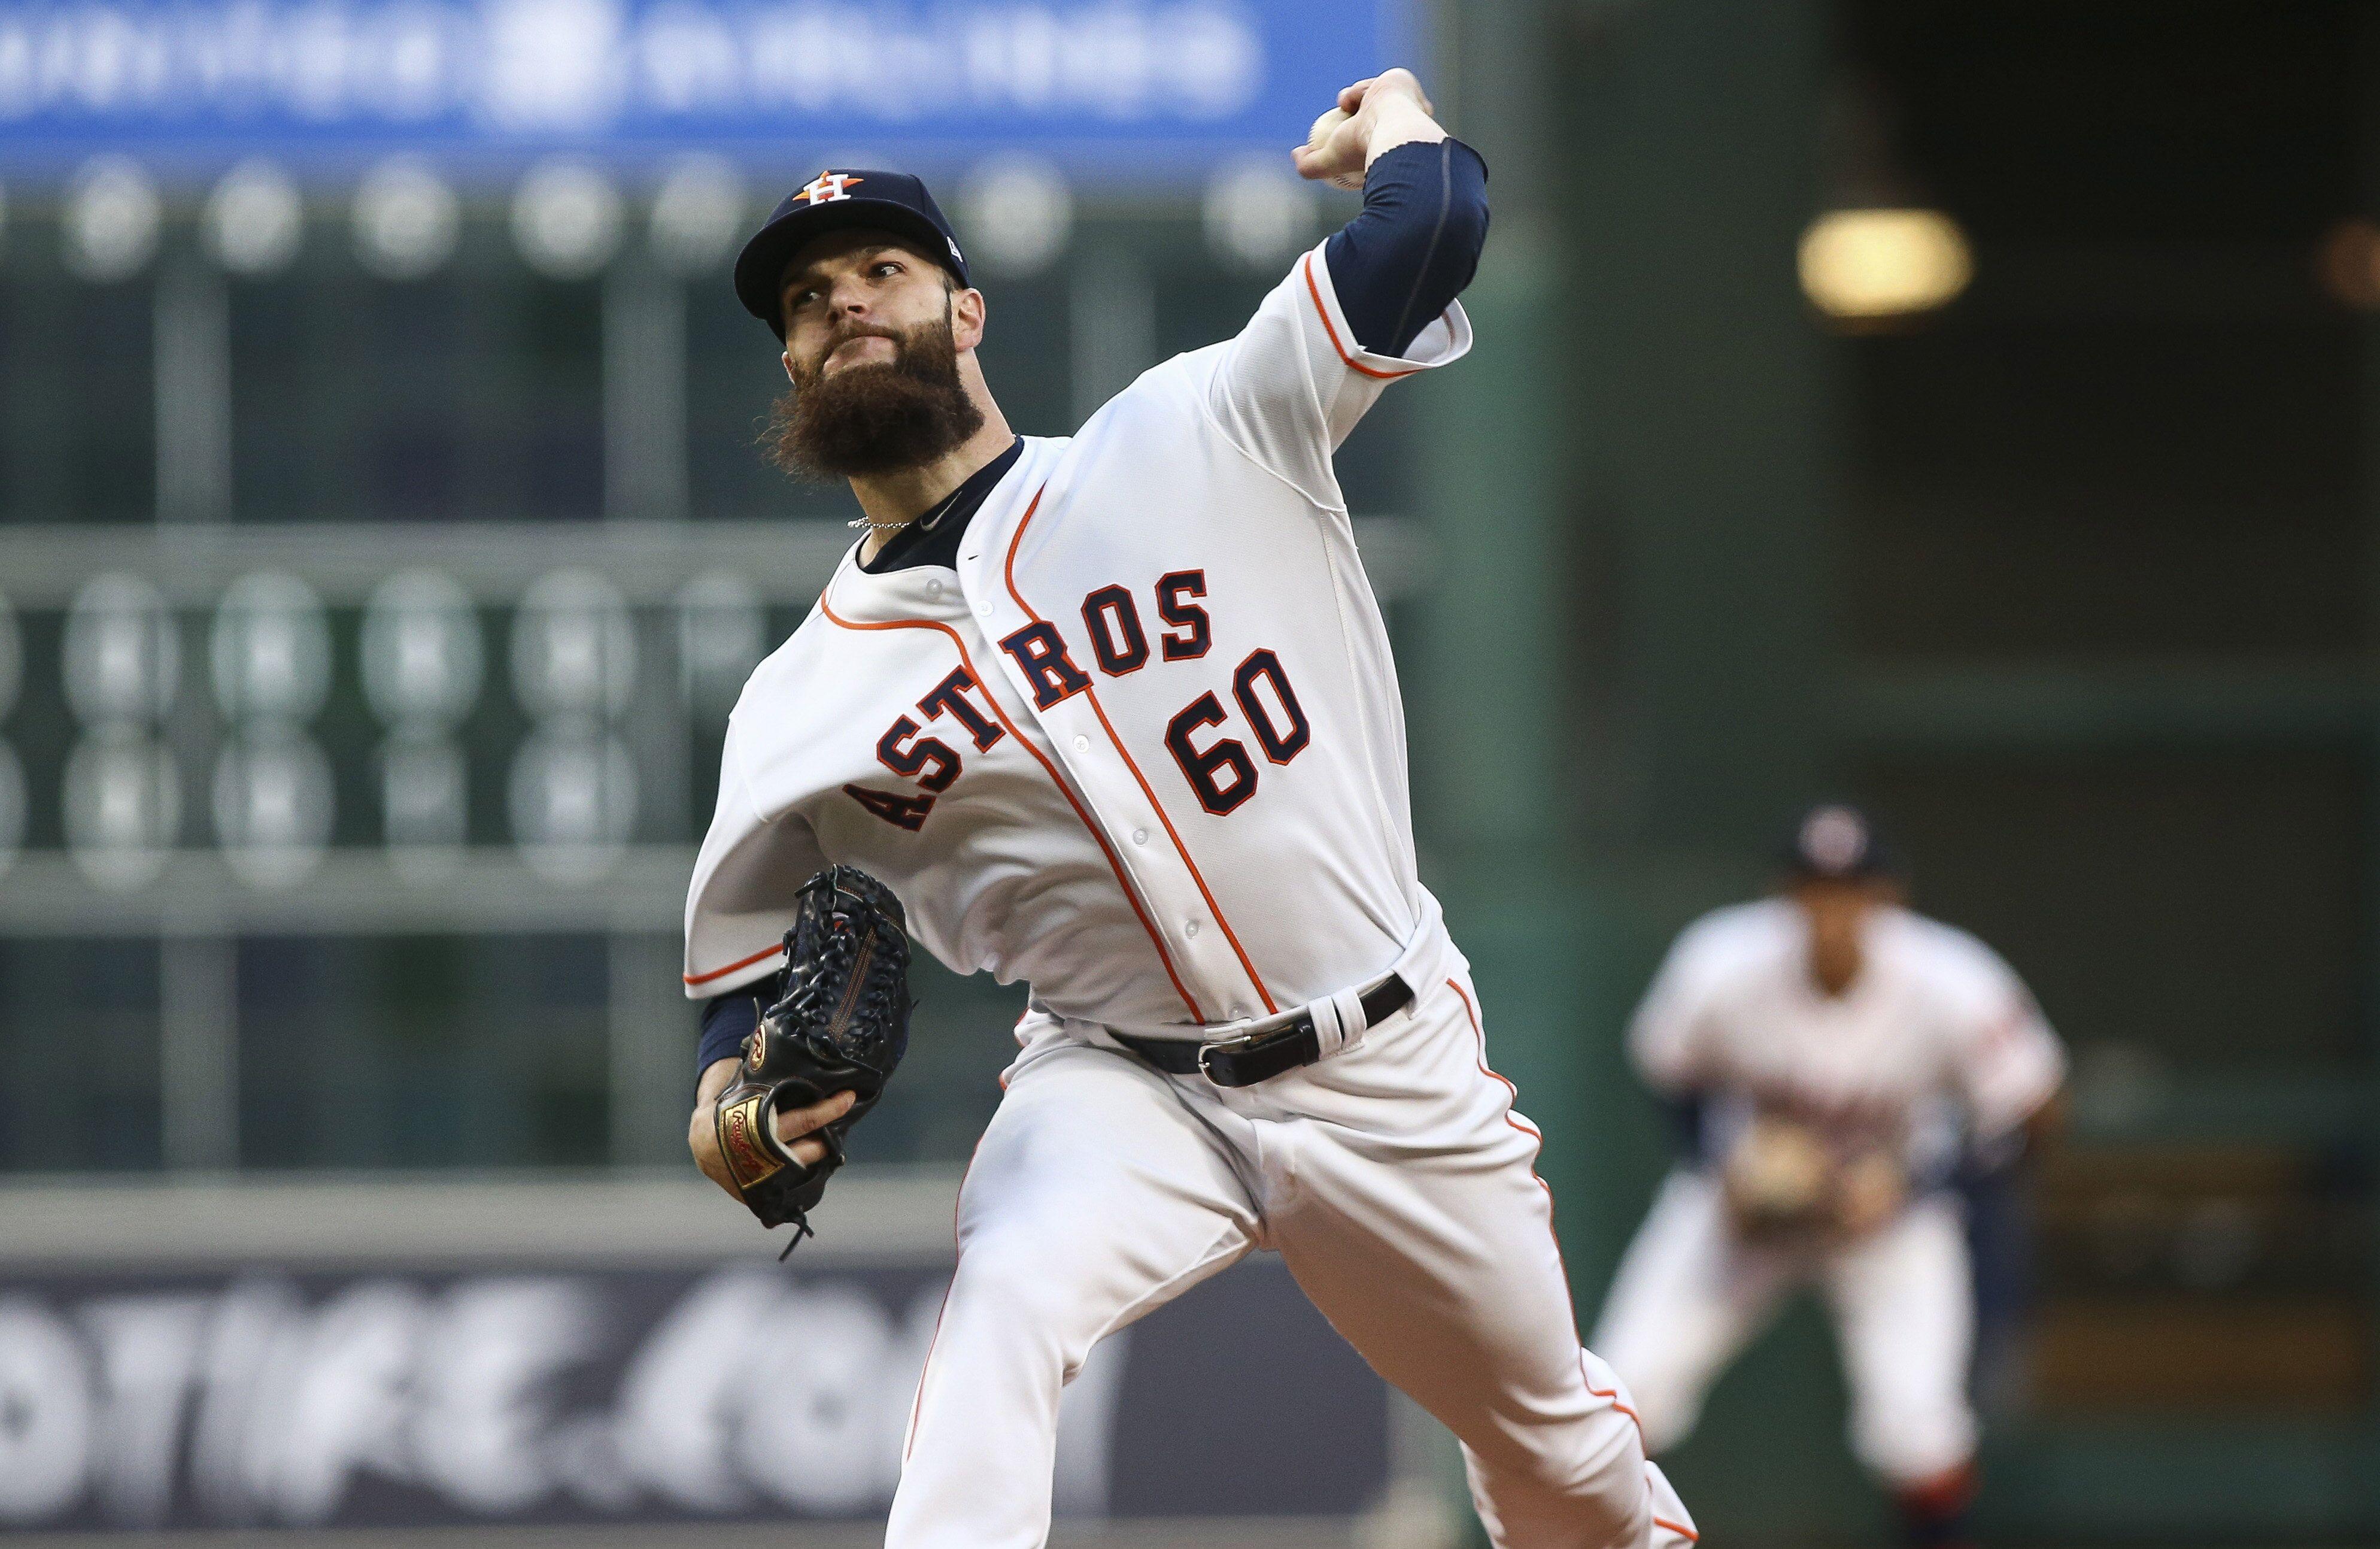 Fantasy Baseball: DraftKings Early MLB Picks For April 30